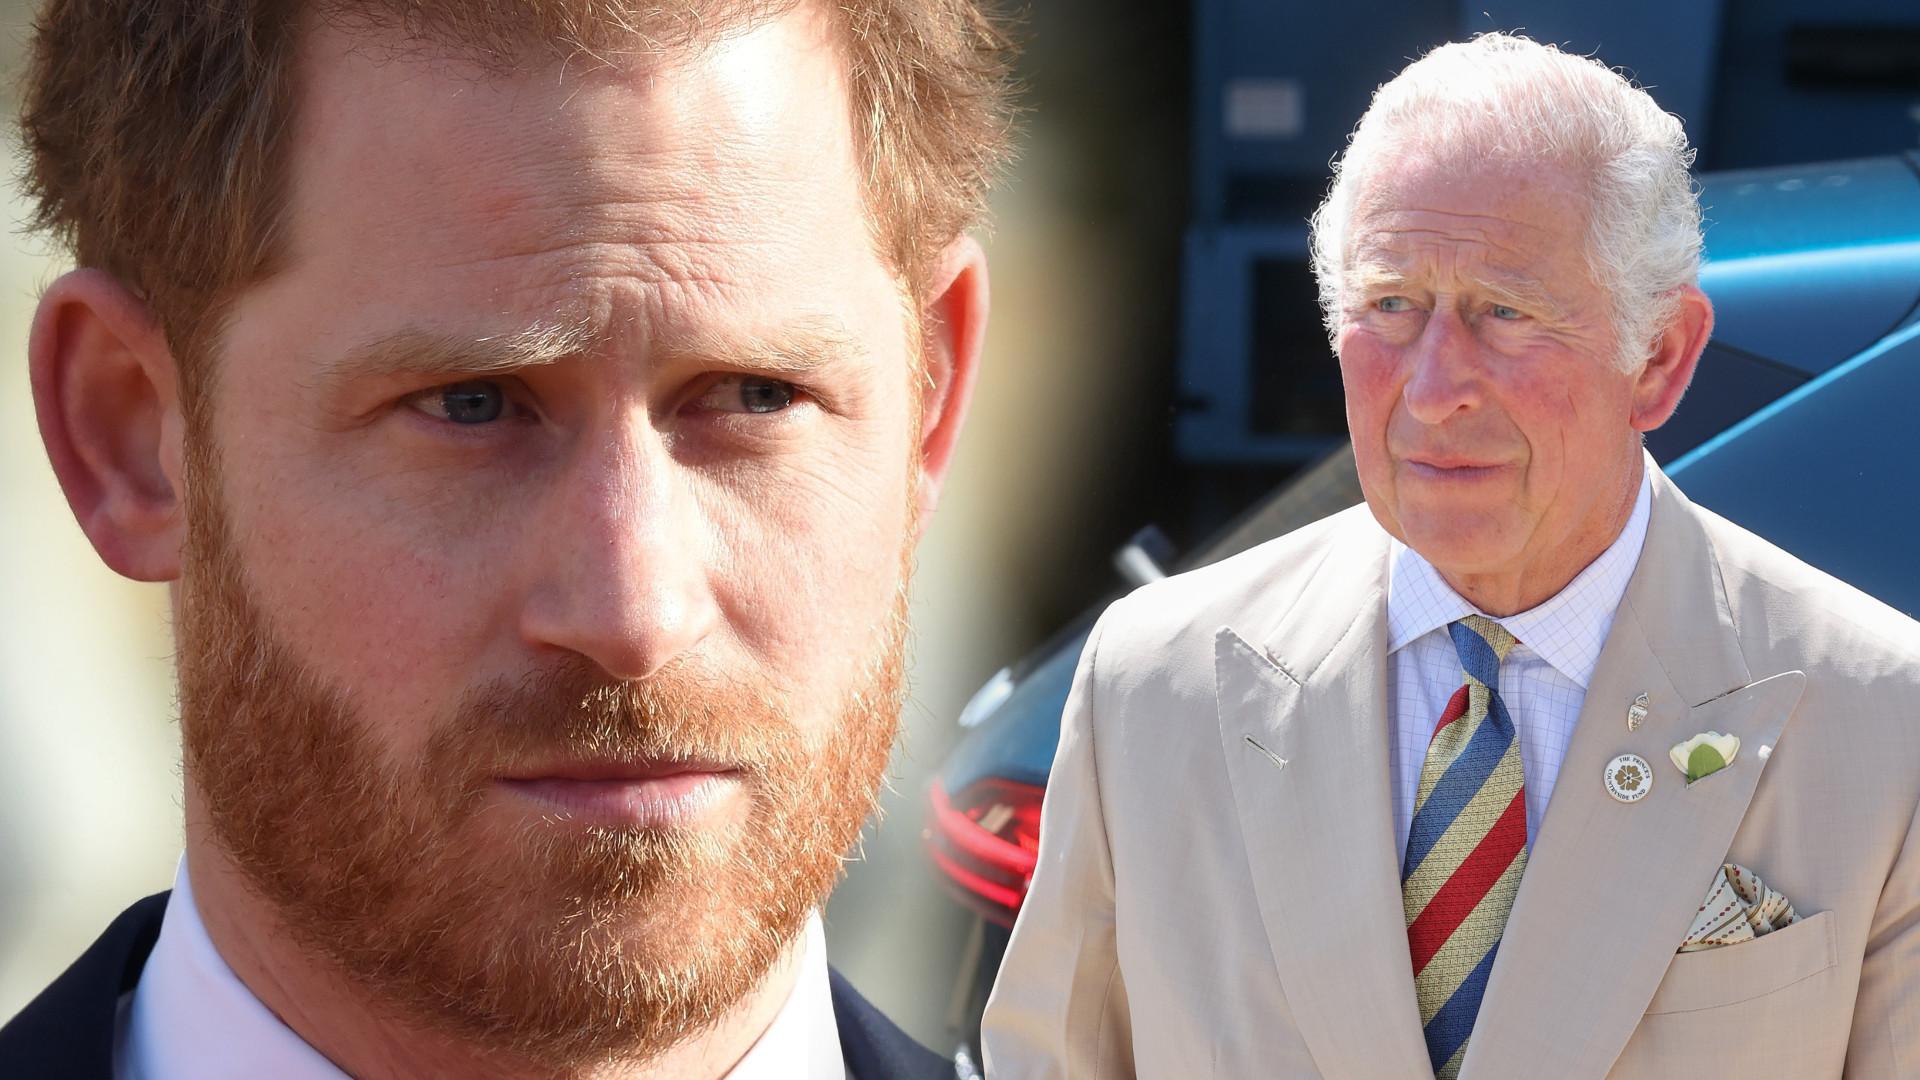 Książę Harry po latach spekulacji UJAWNI, kto jest jego prawdziwym OJCEM!